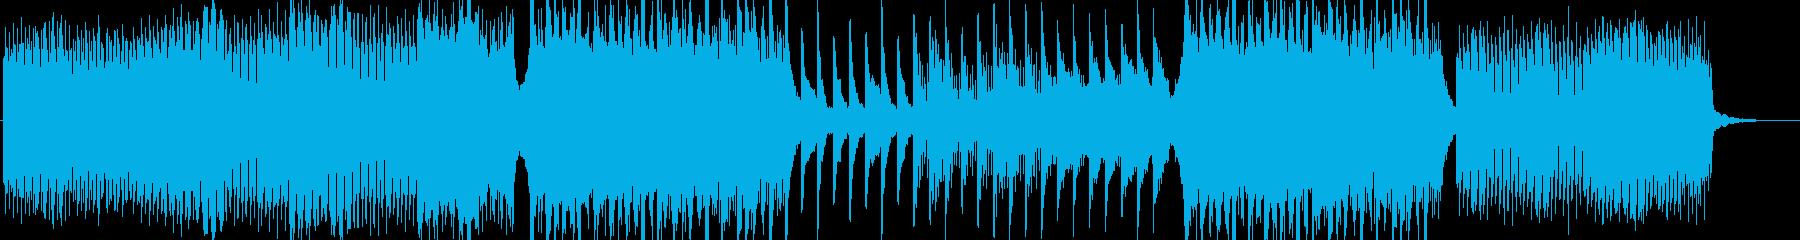 ■PV-トレーラー-企業-映画-Epicの再生済みの波形